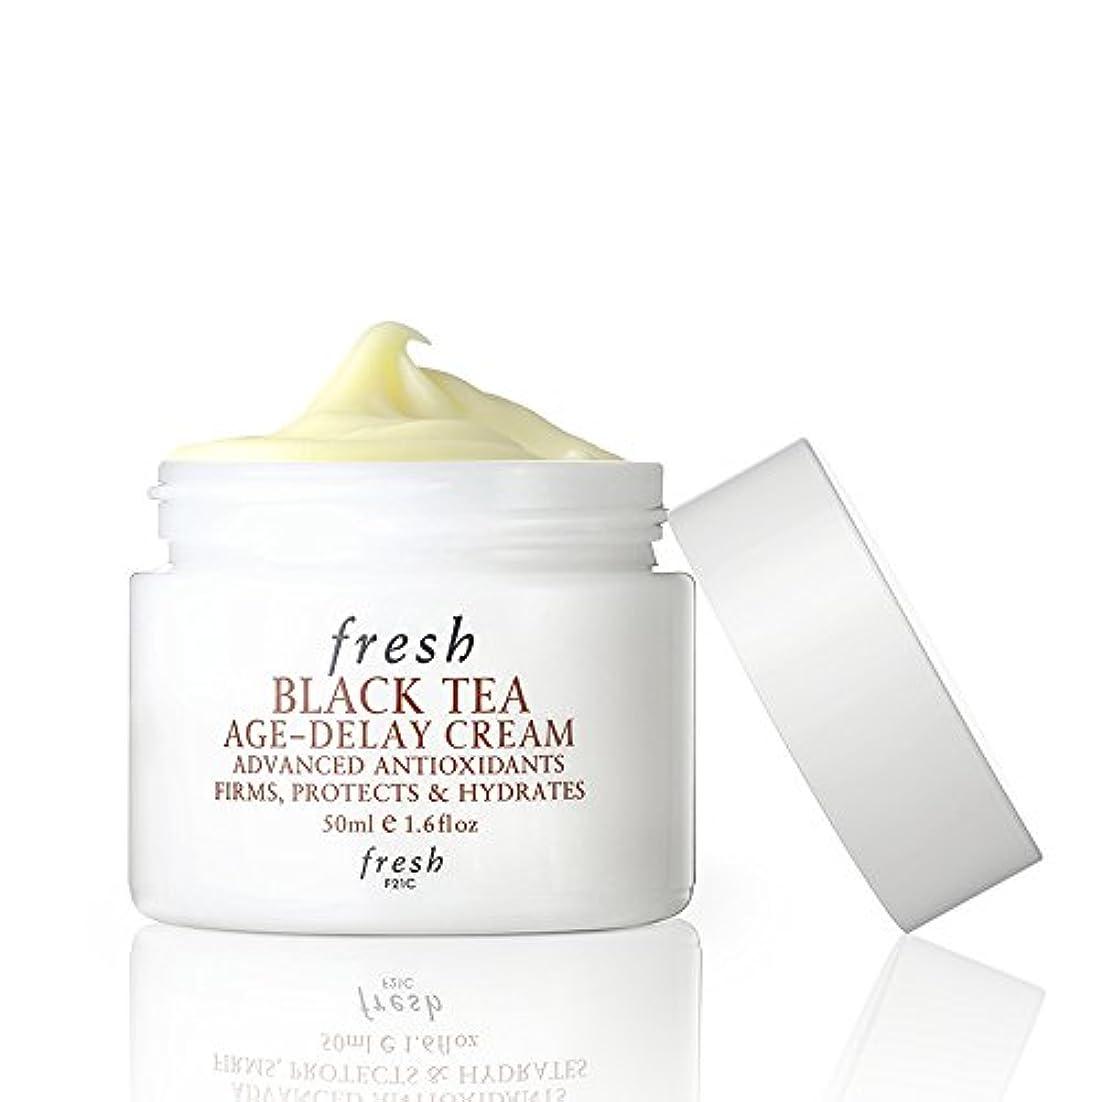 重要なルー時期尚早フレッシュ Black Tea Age-Delay Cream 50ml [海外直送品]